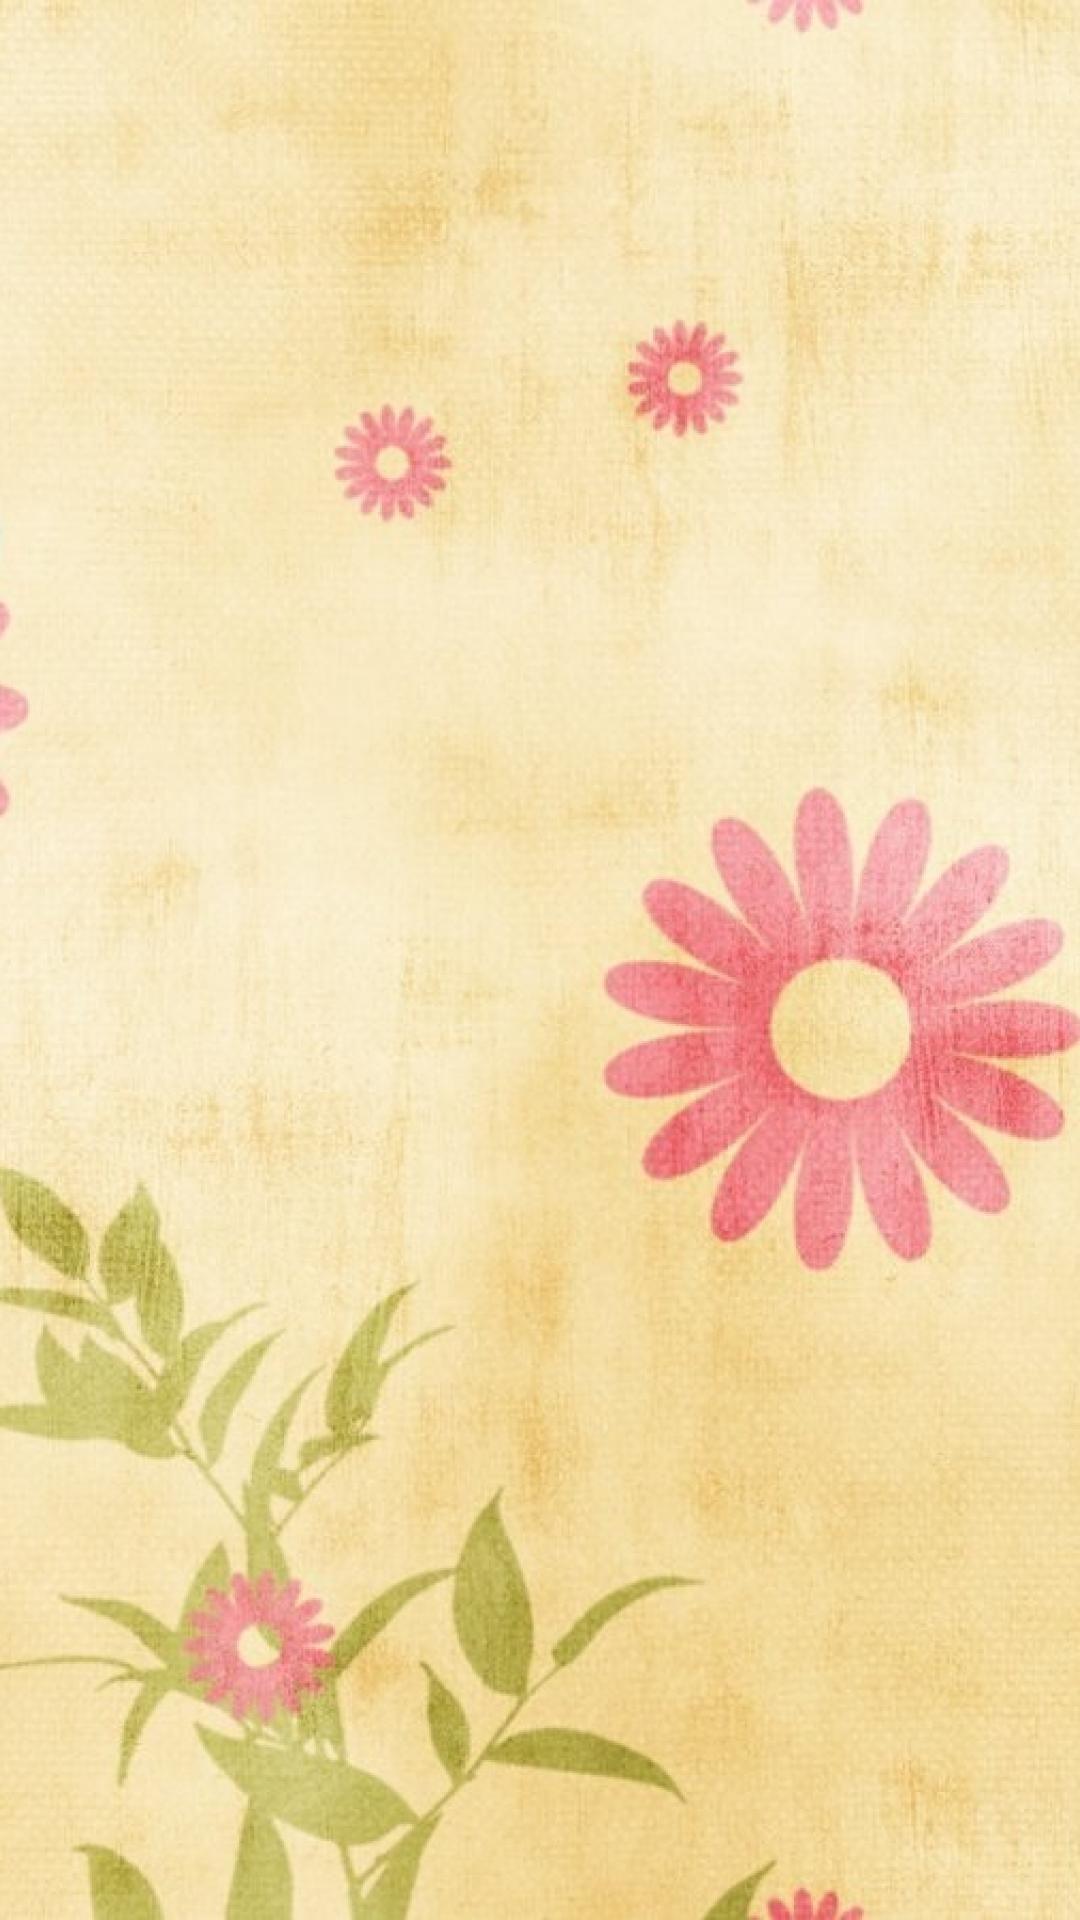 花の壁紙 Facebook カバー写真 花 壁紙 スマホ壁紙